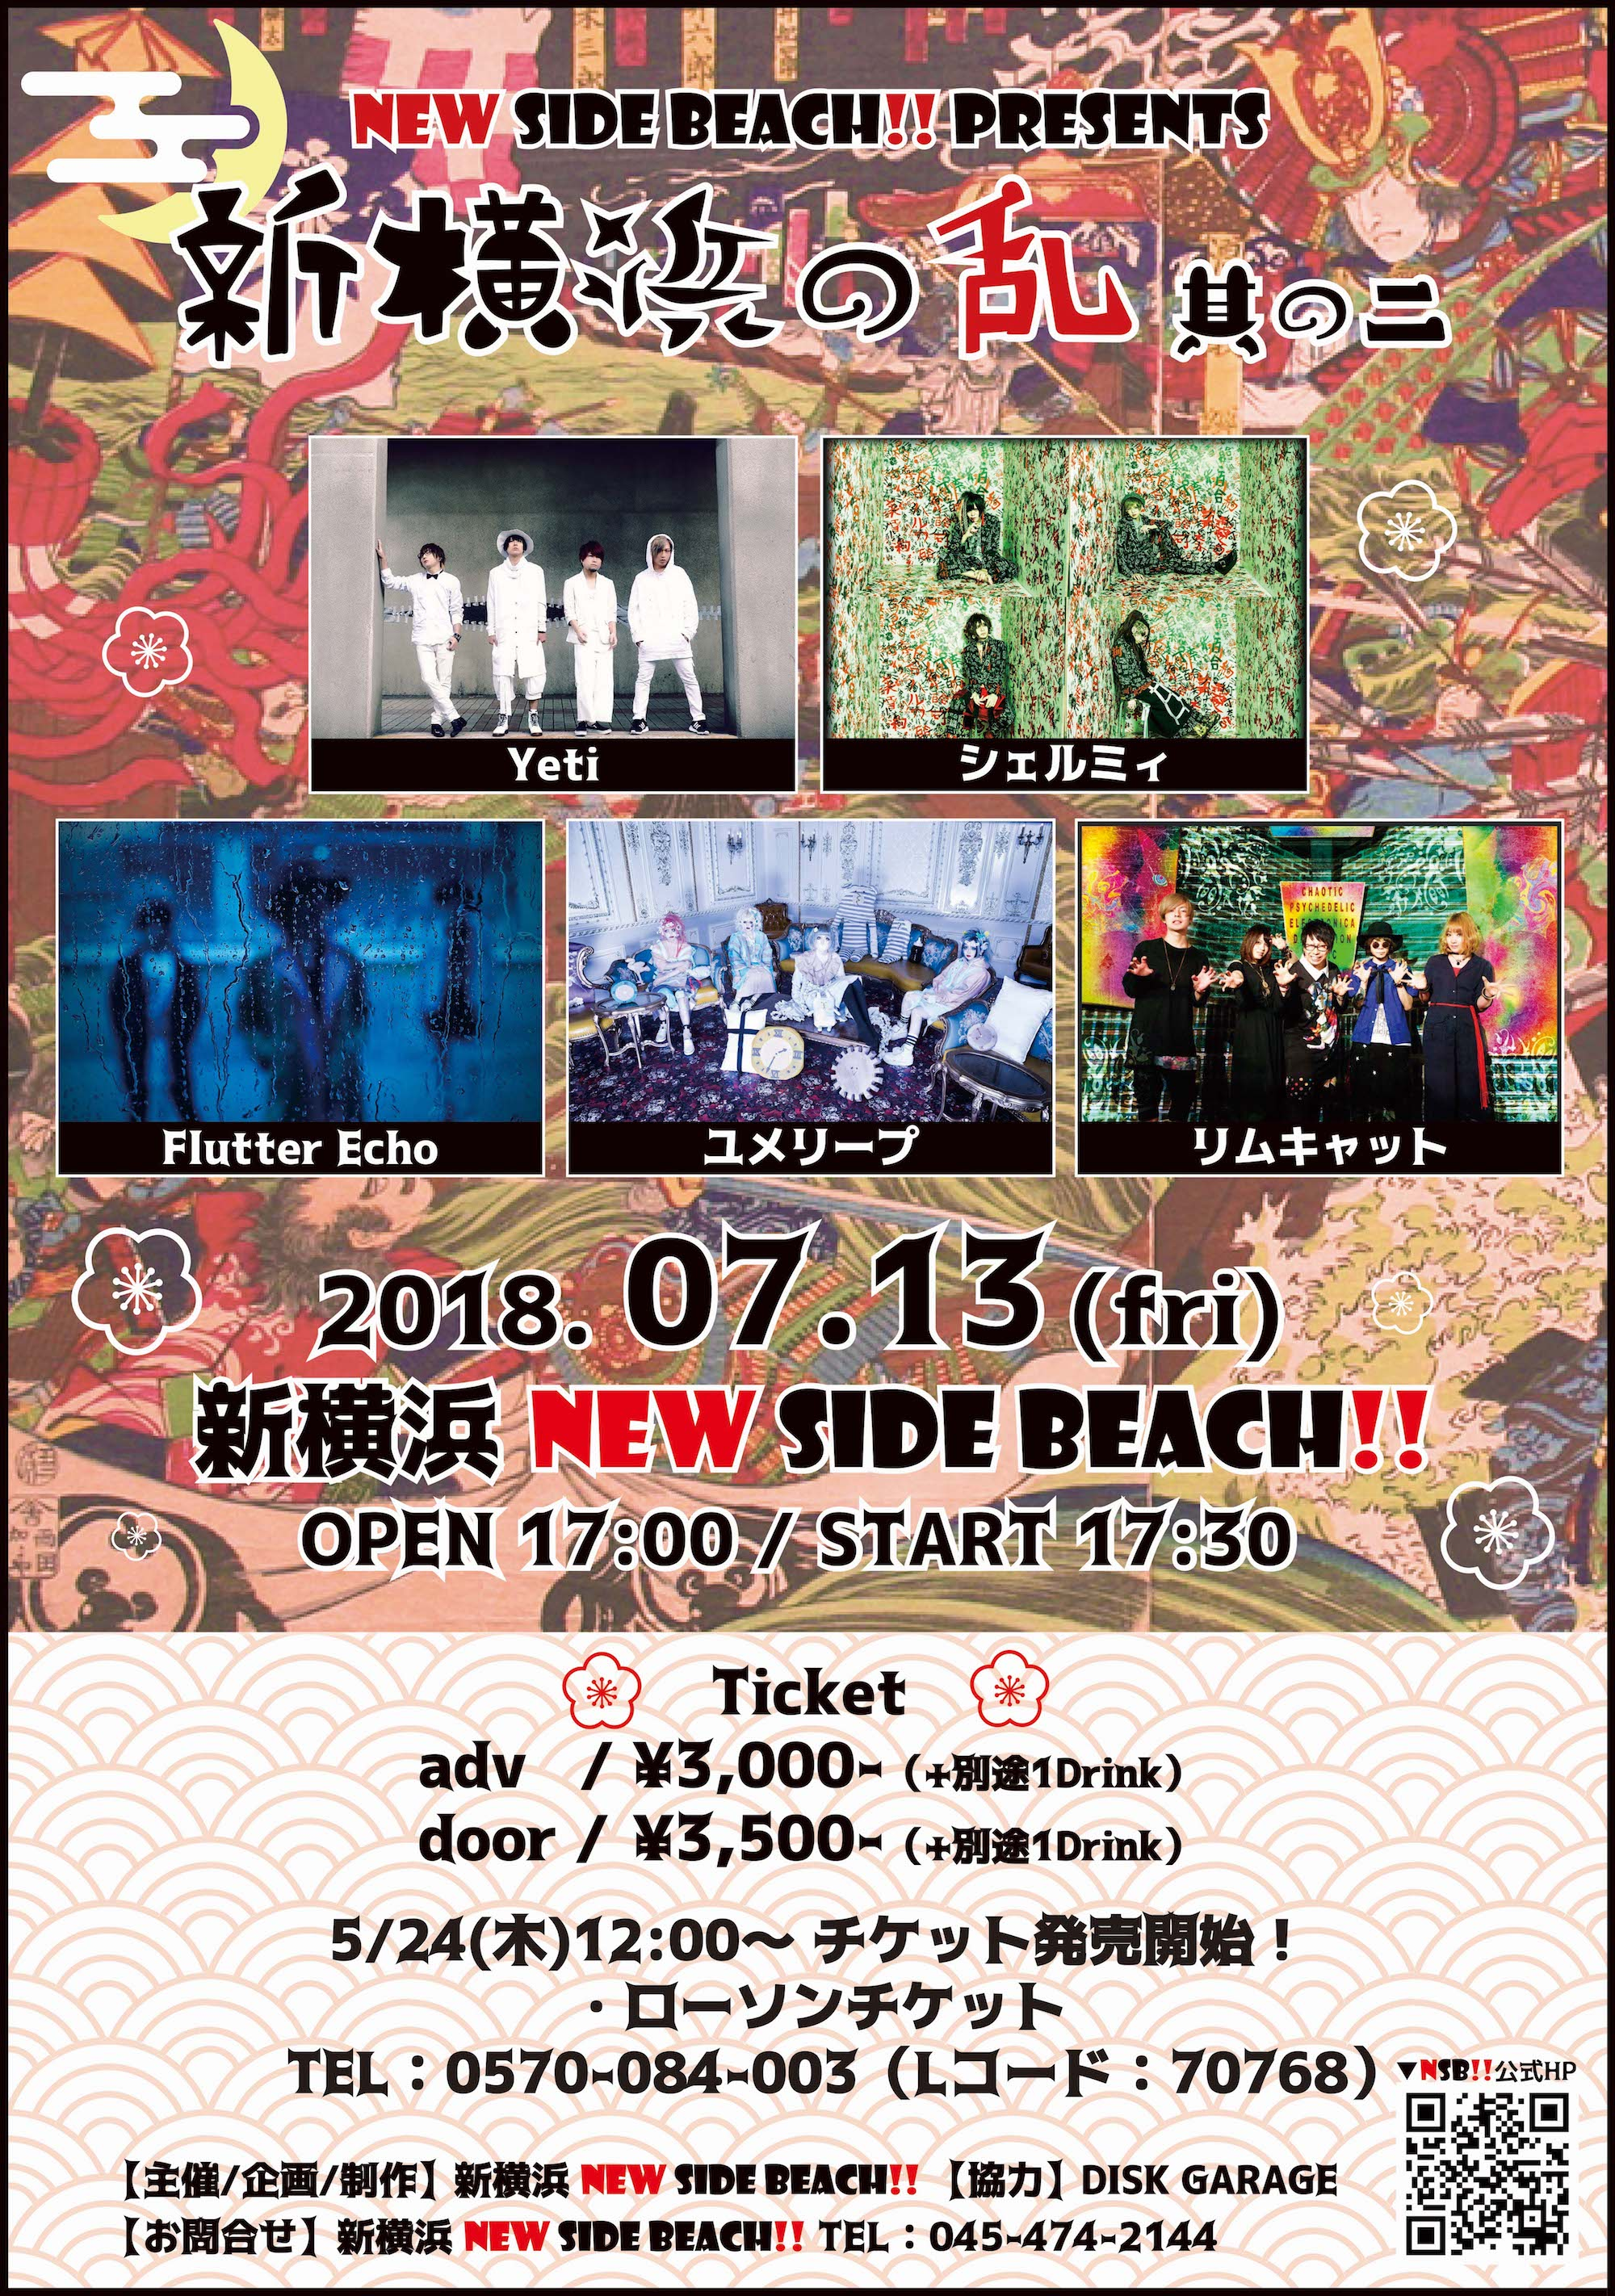 今後のイベント new side beach presents 新横浜の乱 其の二